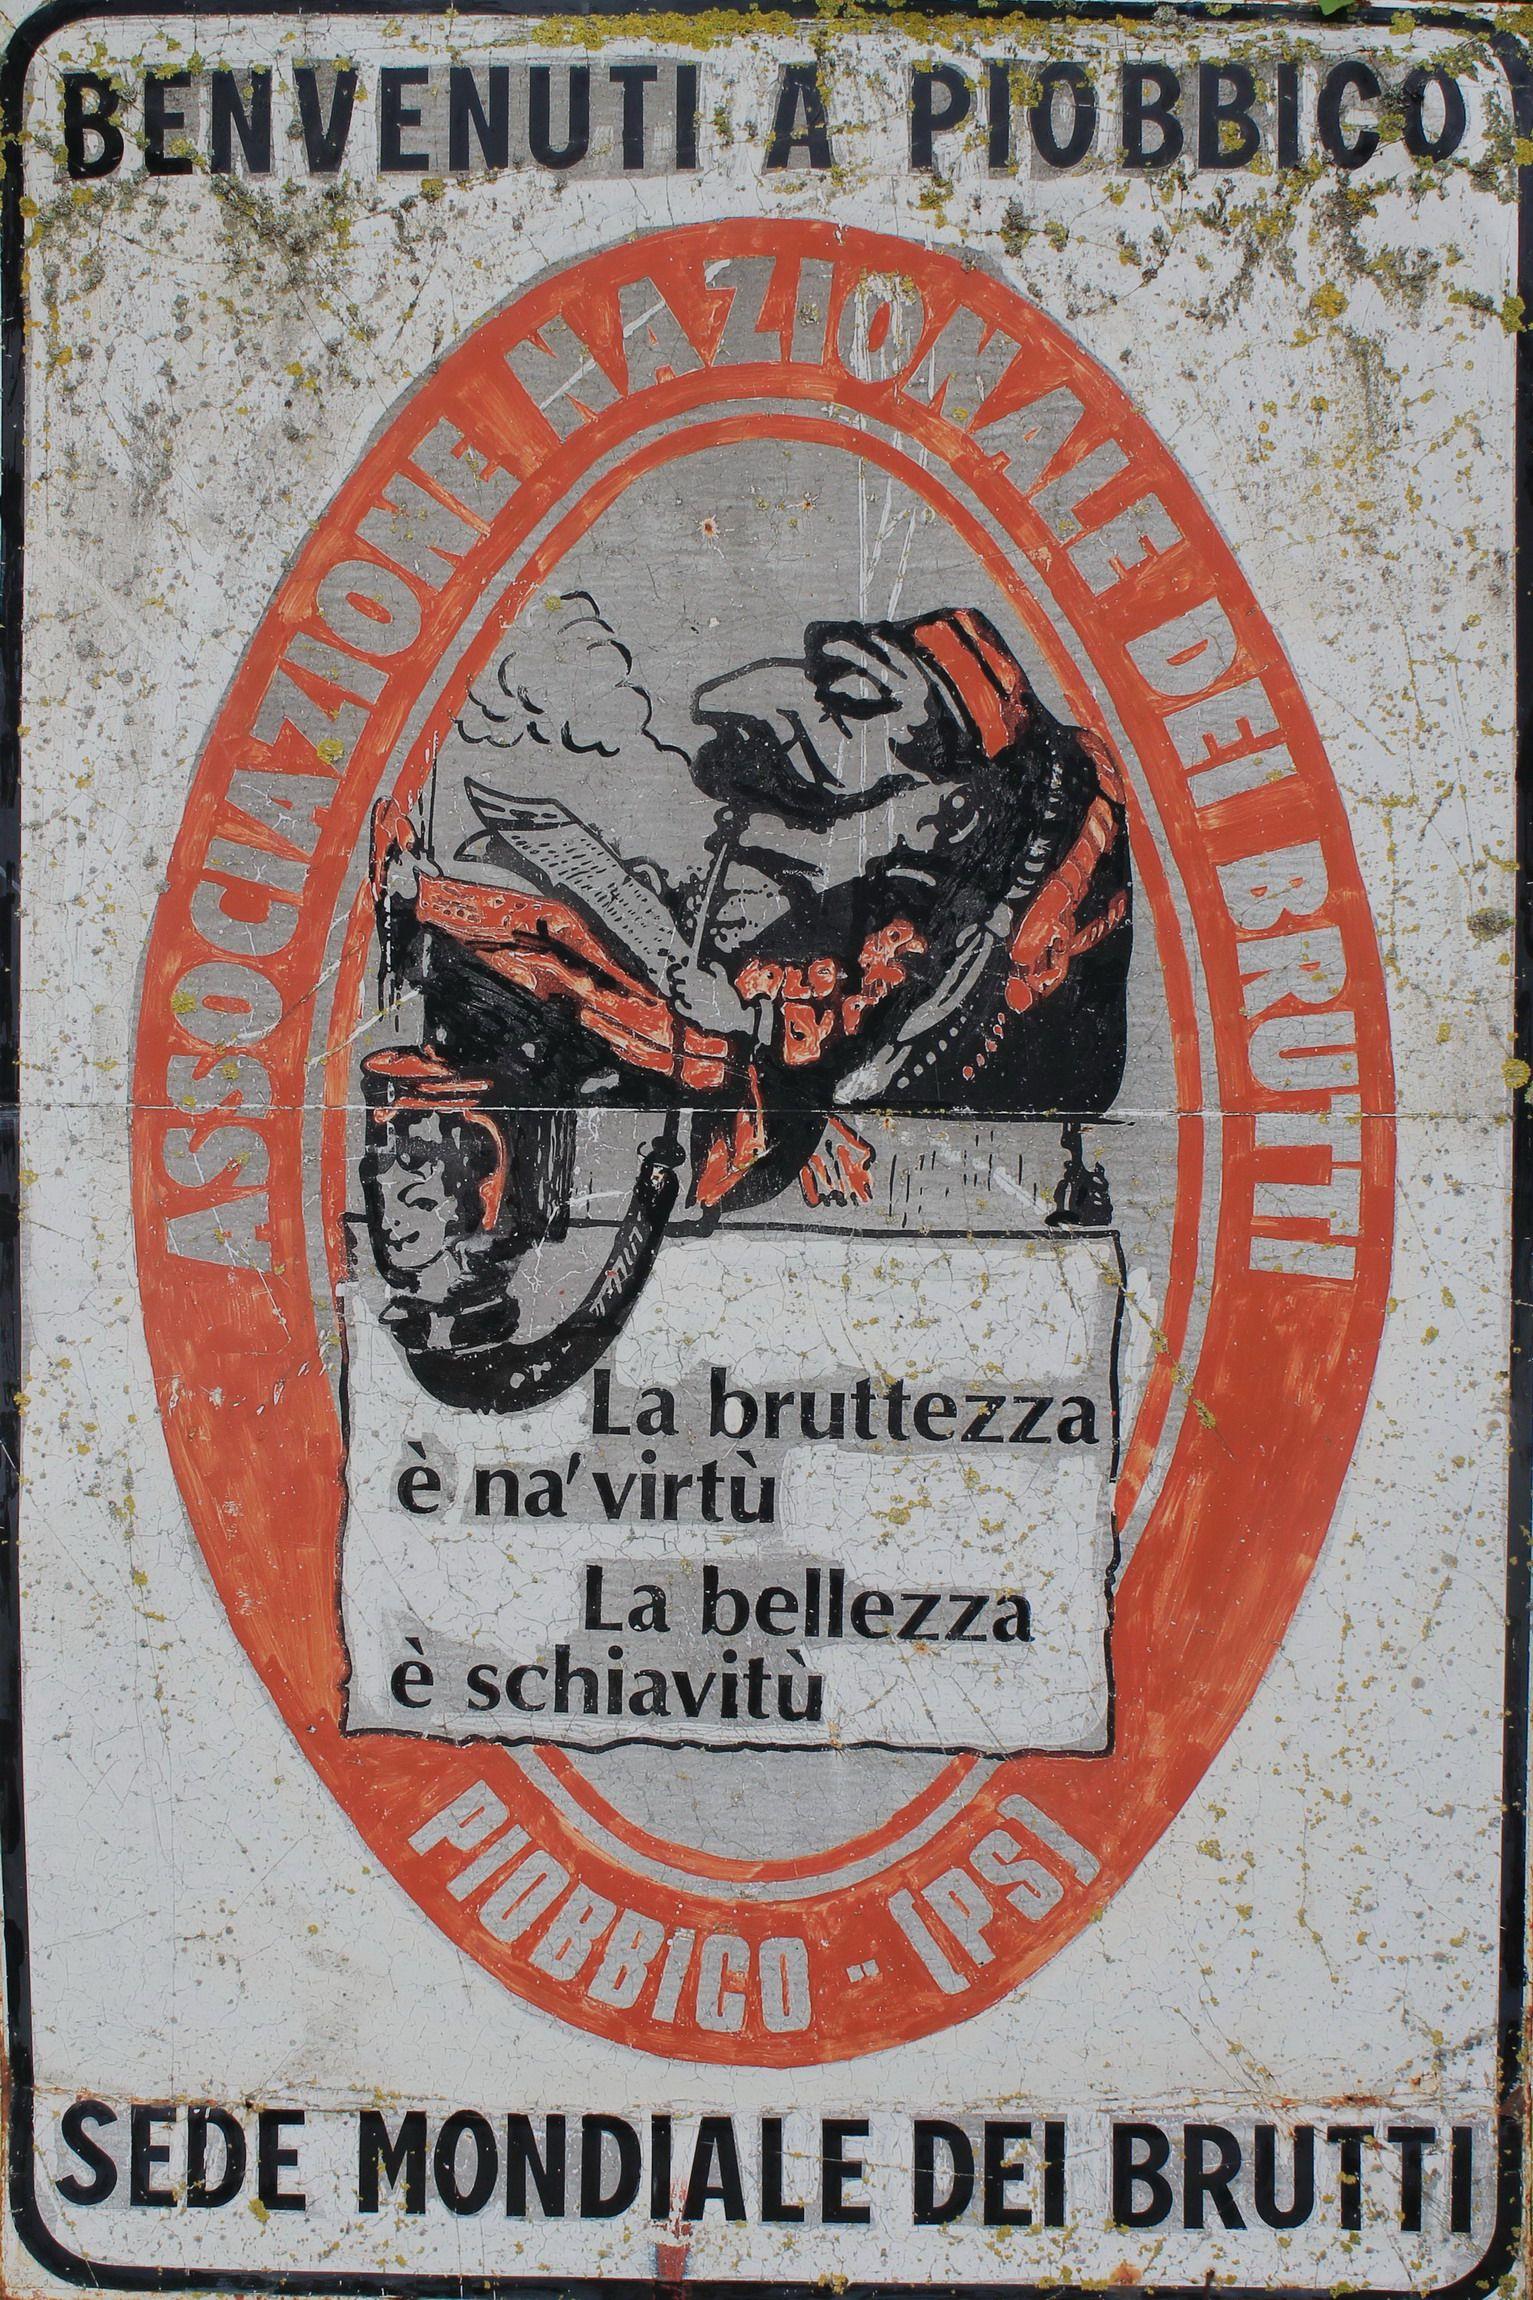 Piobbico, sede mondiale dei brutti. Qui è c'è il club internazionale dei brutti,  nato nel 1879. Tra i suoi iscritti, Paolo Bonolis, Gerry Scotti e Giulio Andreotti.